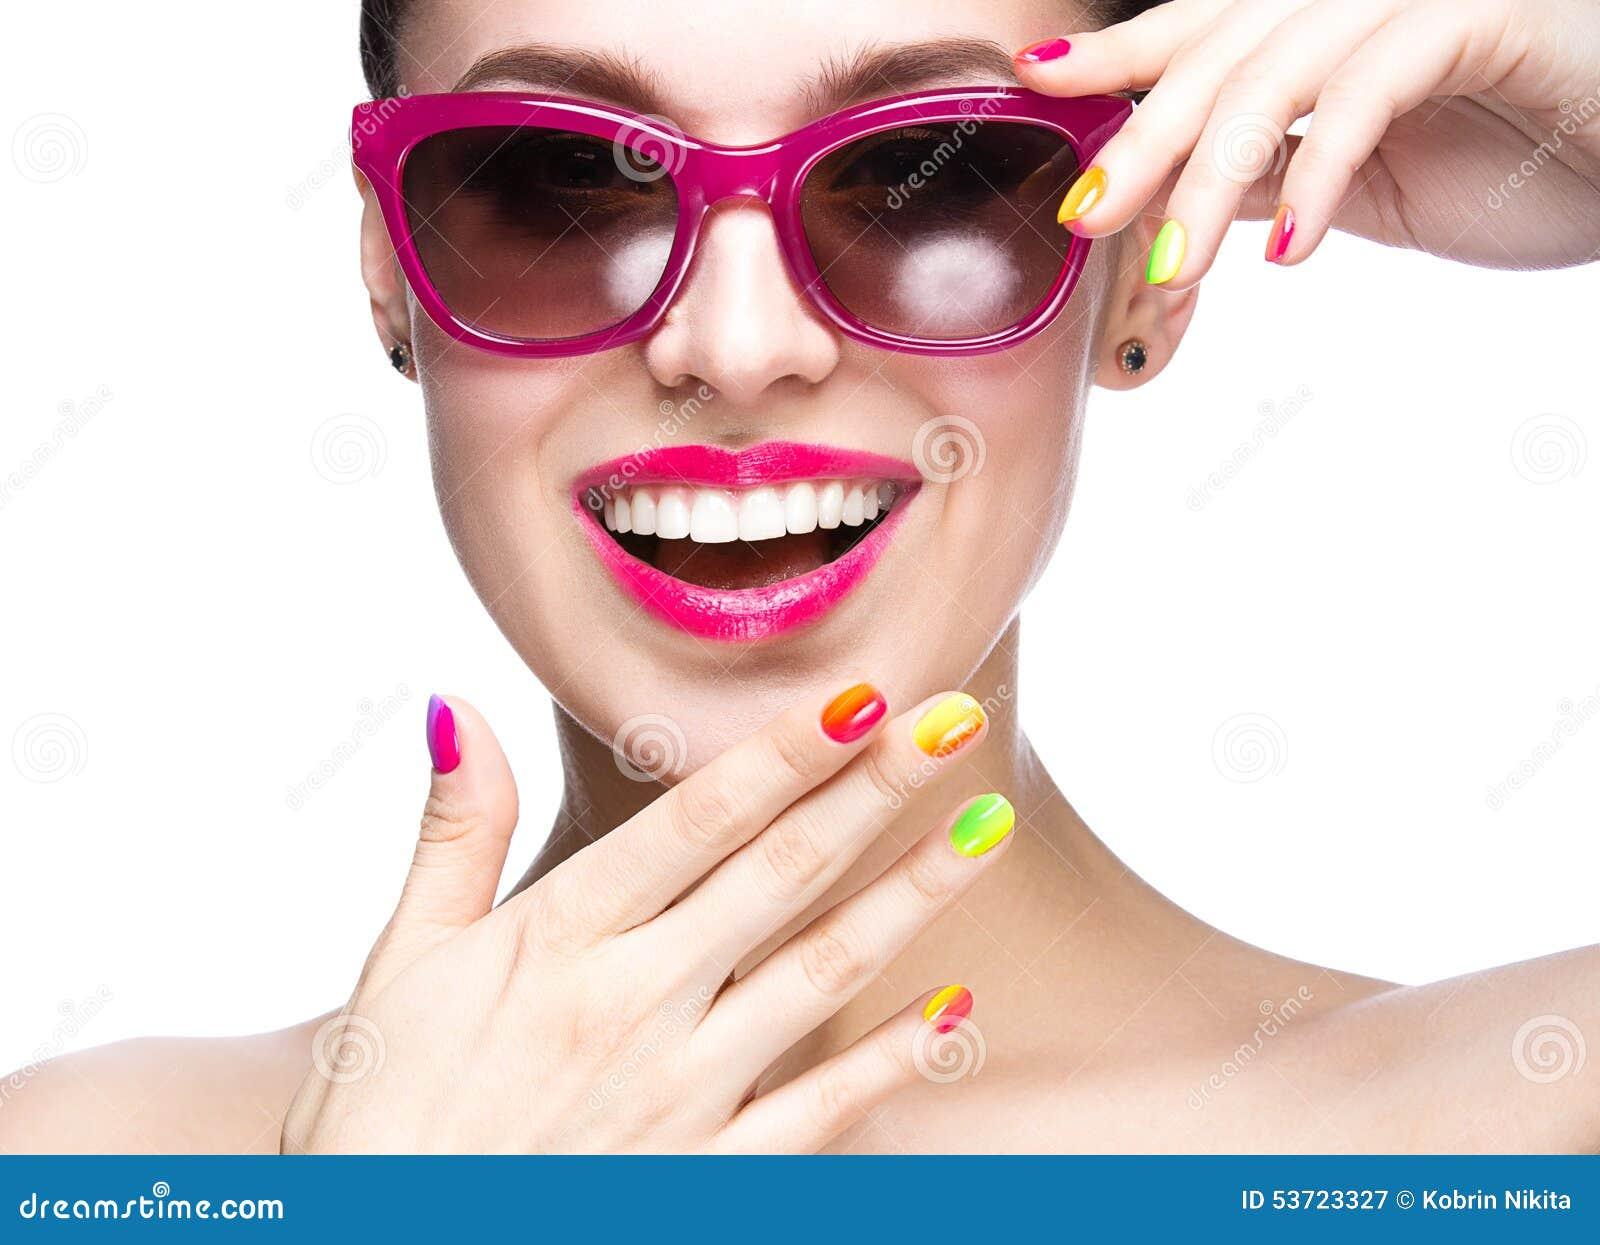 Όμορφο κορίτσι στα κόκκινα γυαλιά ηλίου με το φωτεινό makeup και τα ζωηρόχρωμα καρφιά Πρόσωπο ομορφιάς